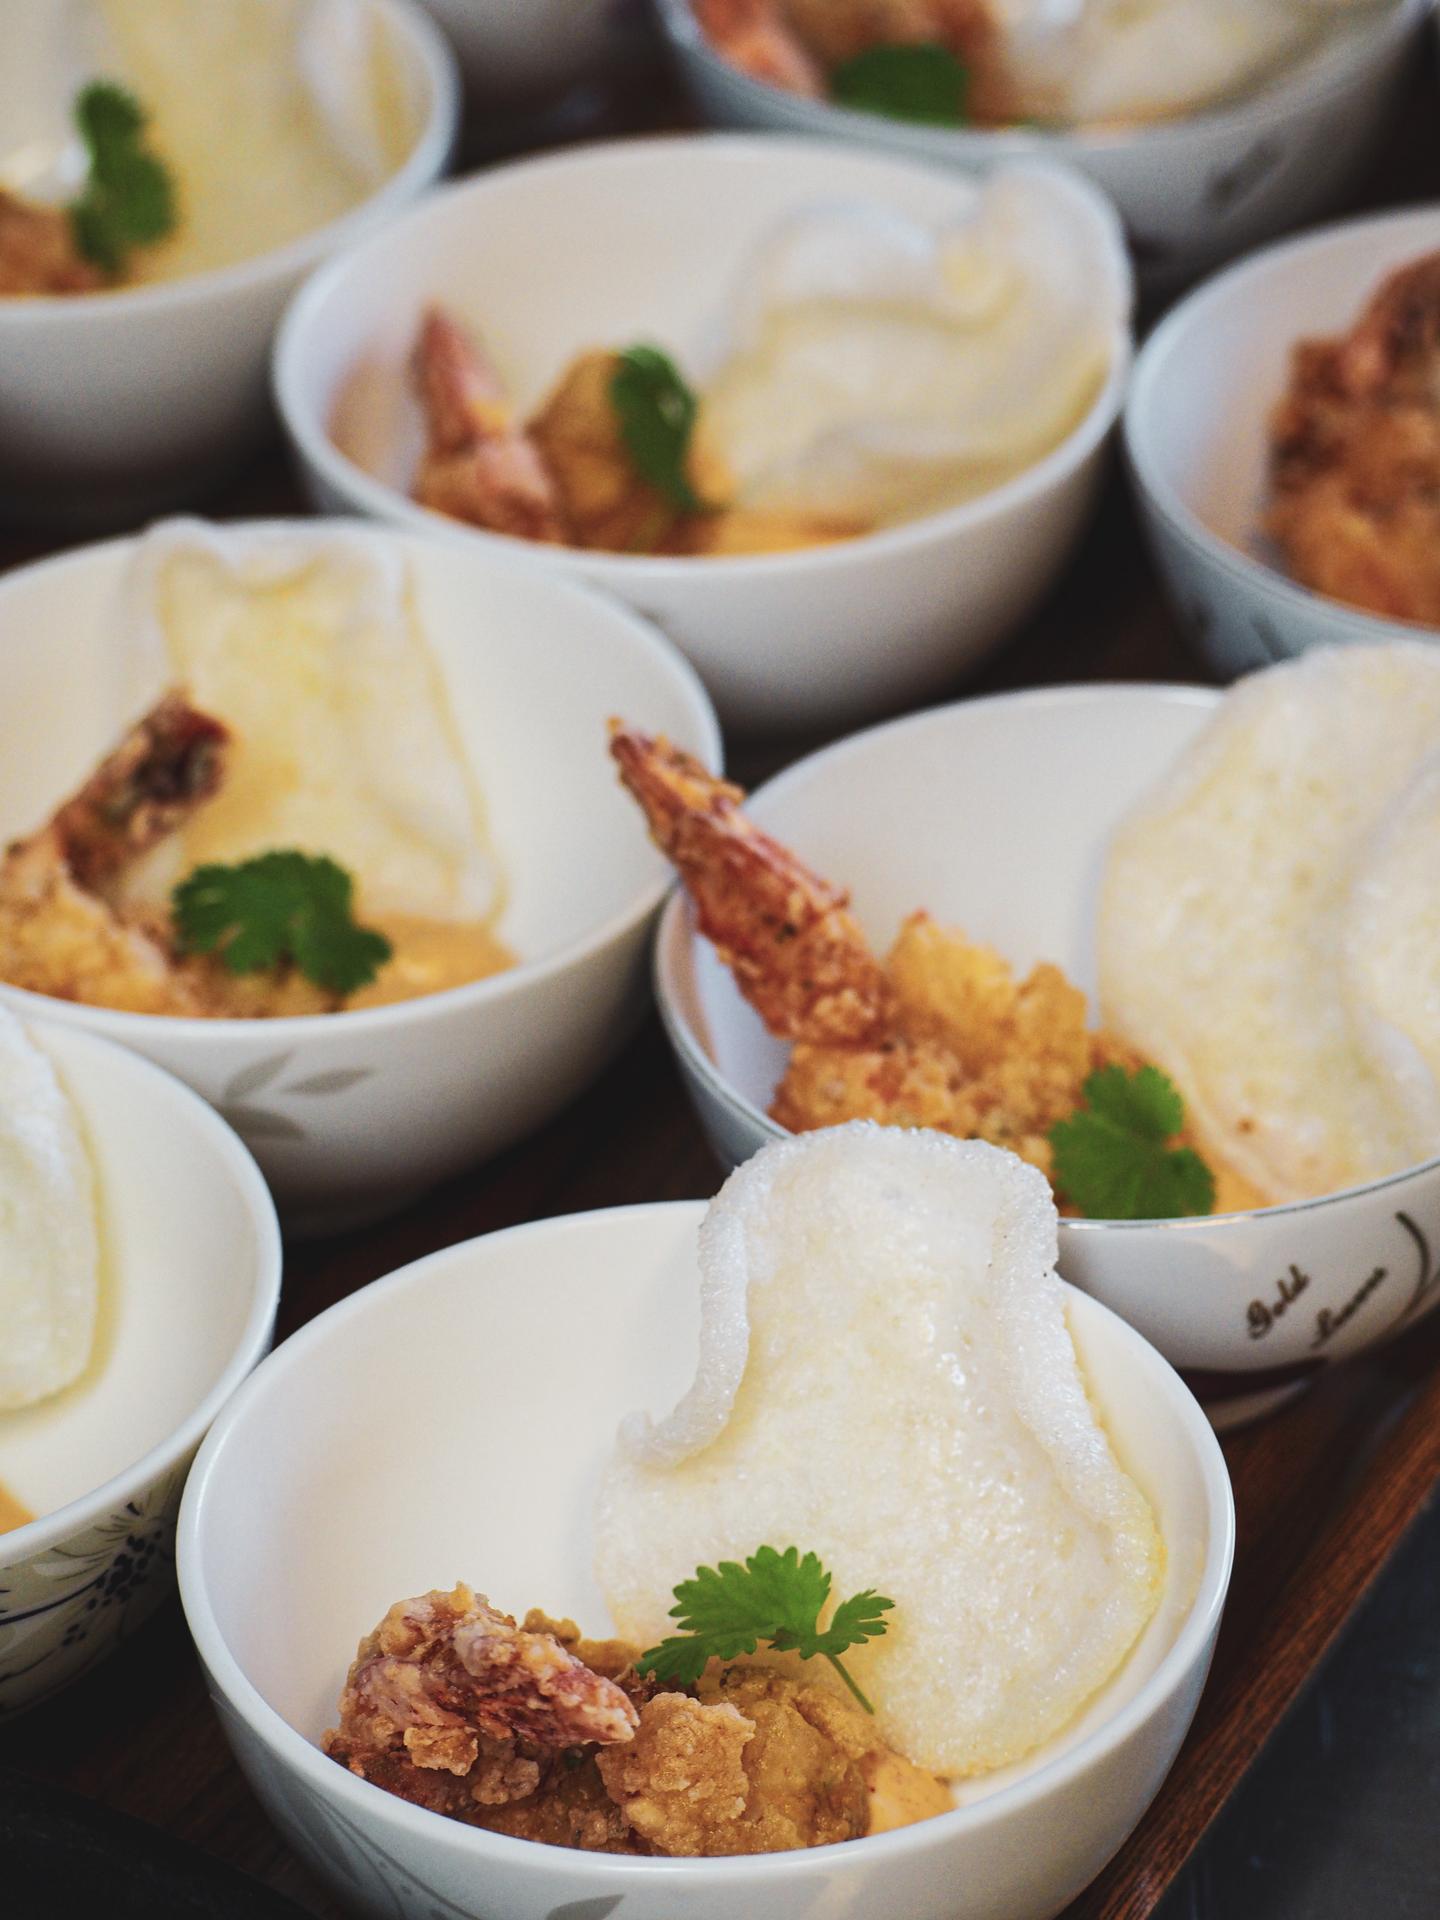 Finger foods, nedílná součást svatební tabule, nebo jen jako lehké občerstvení před obřadem? - Obrázek č. 2